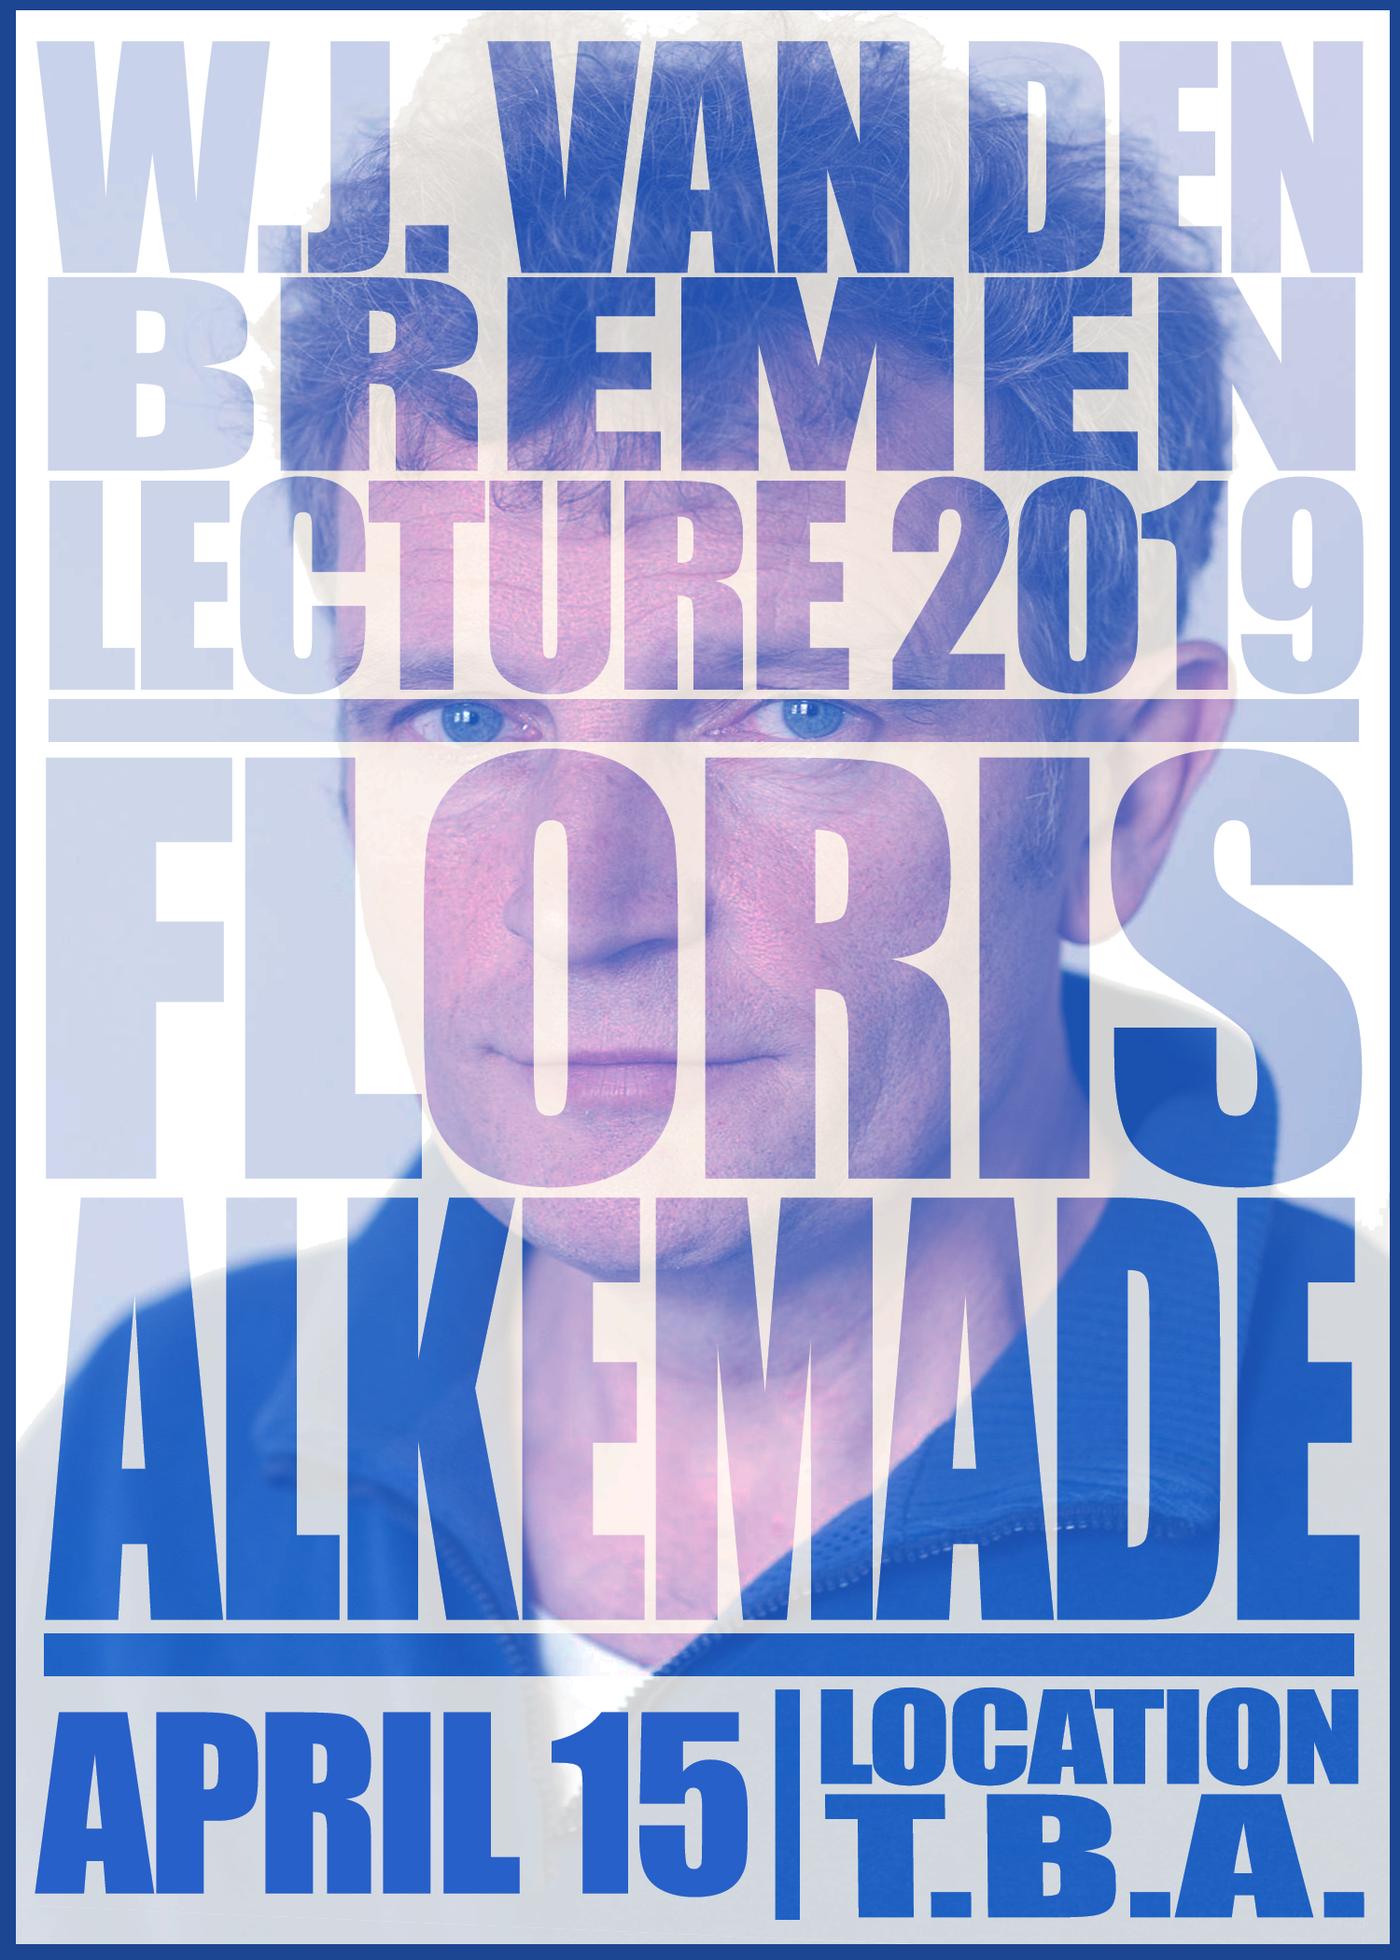 W.J. van den Bremen lecture - Floris Alkemade